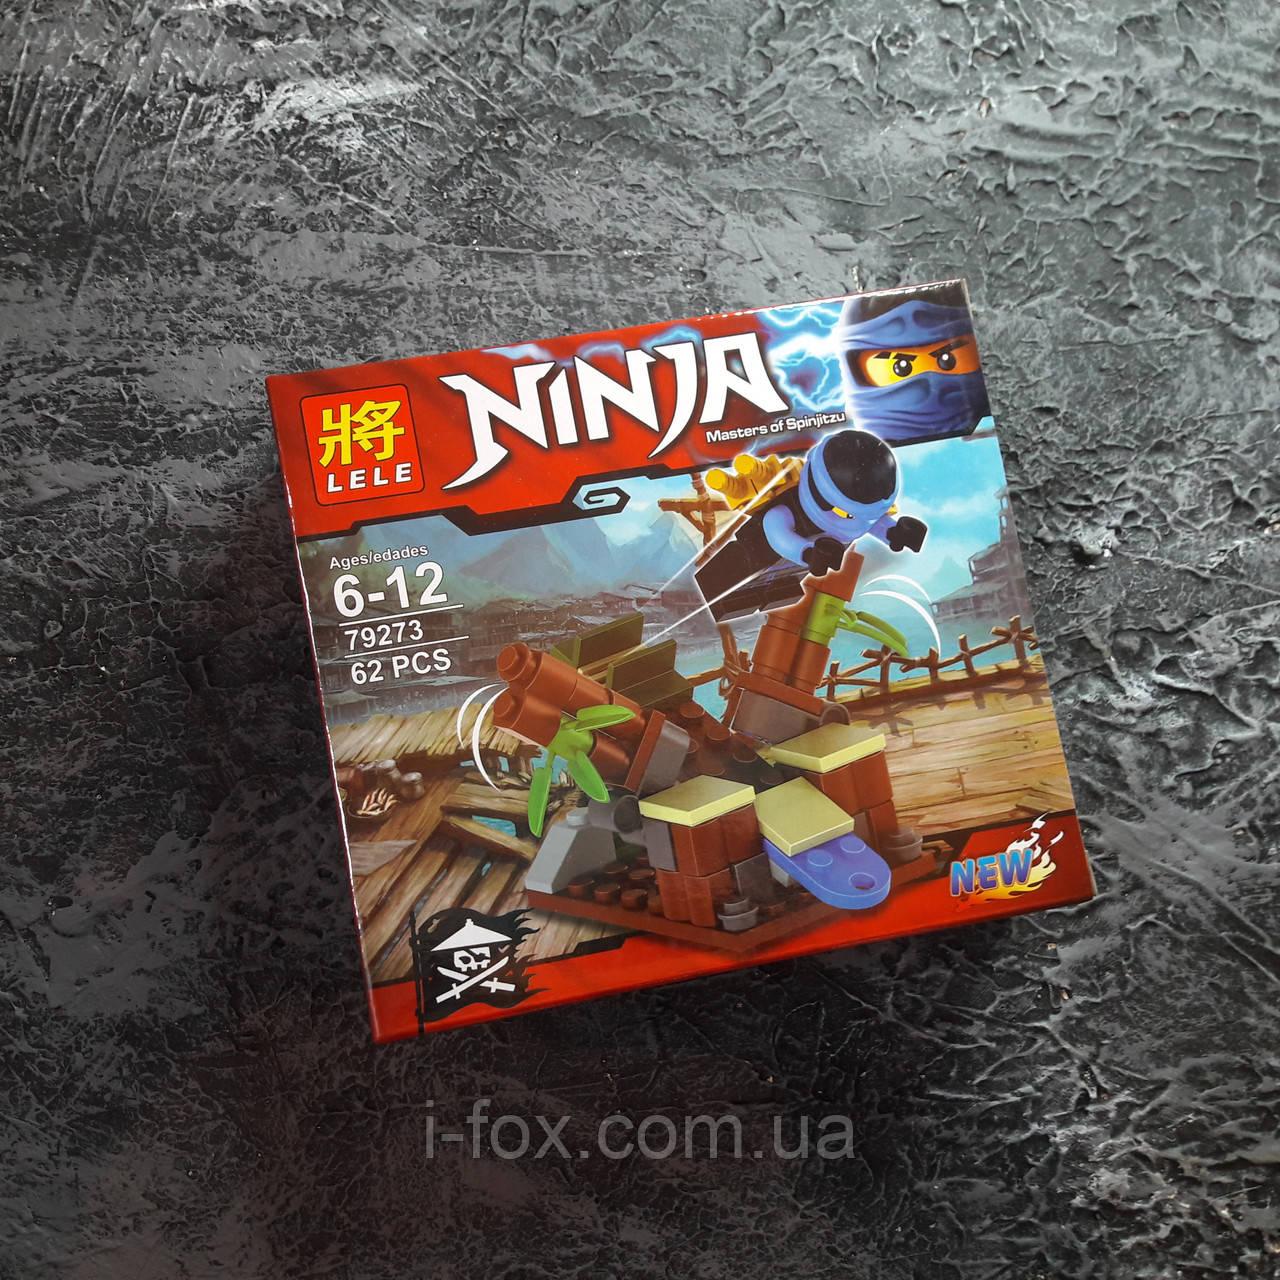 Конструктор Ninja: Ниндзя с катапультой